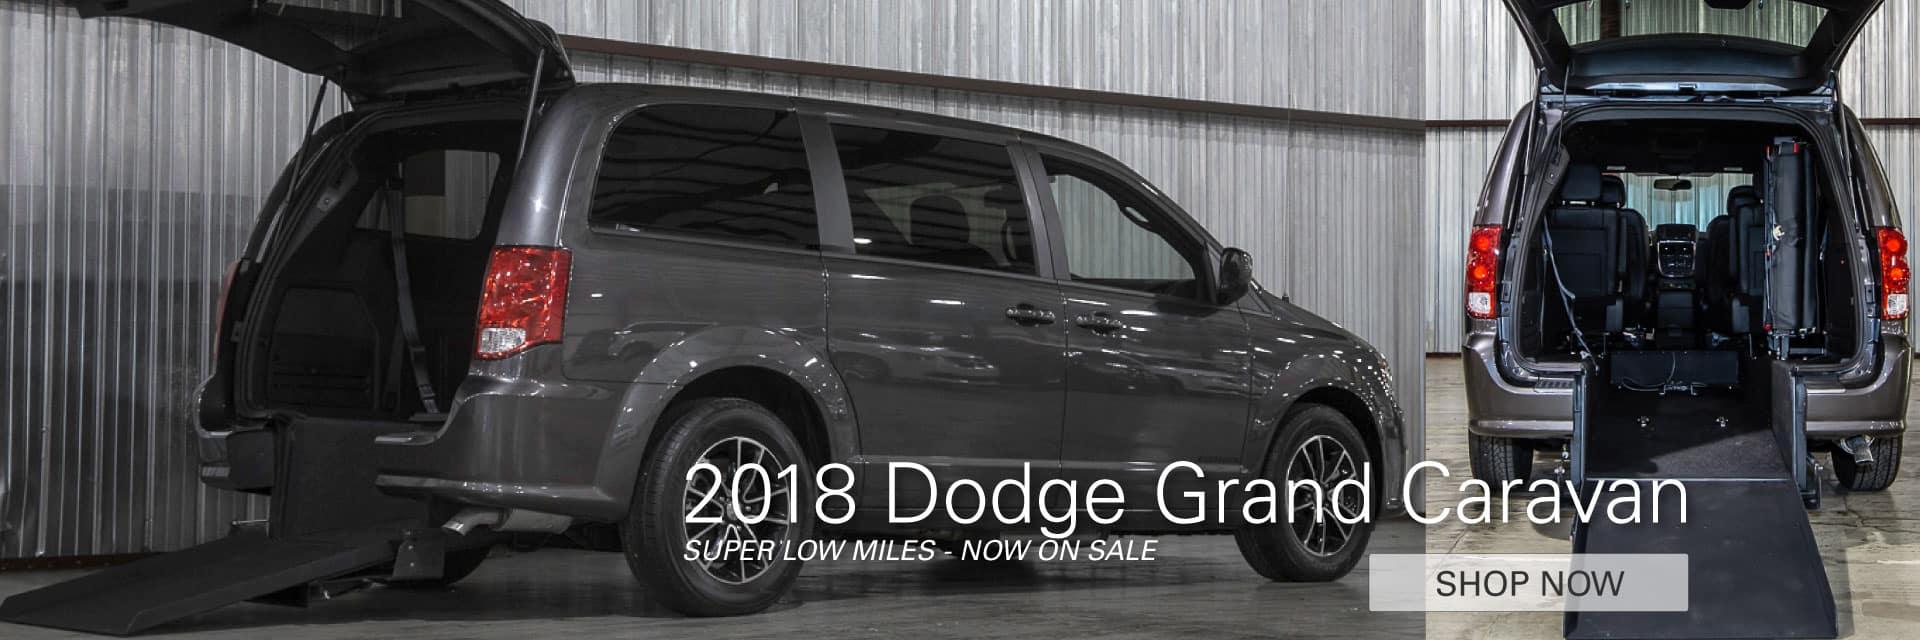 2018 Dodge Grand Caravan On Sale Now